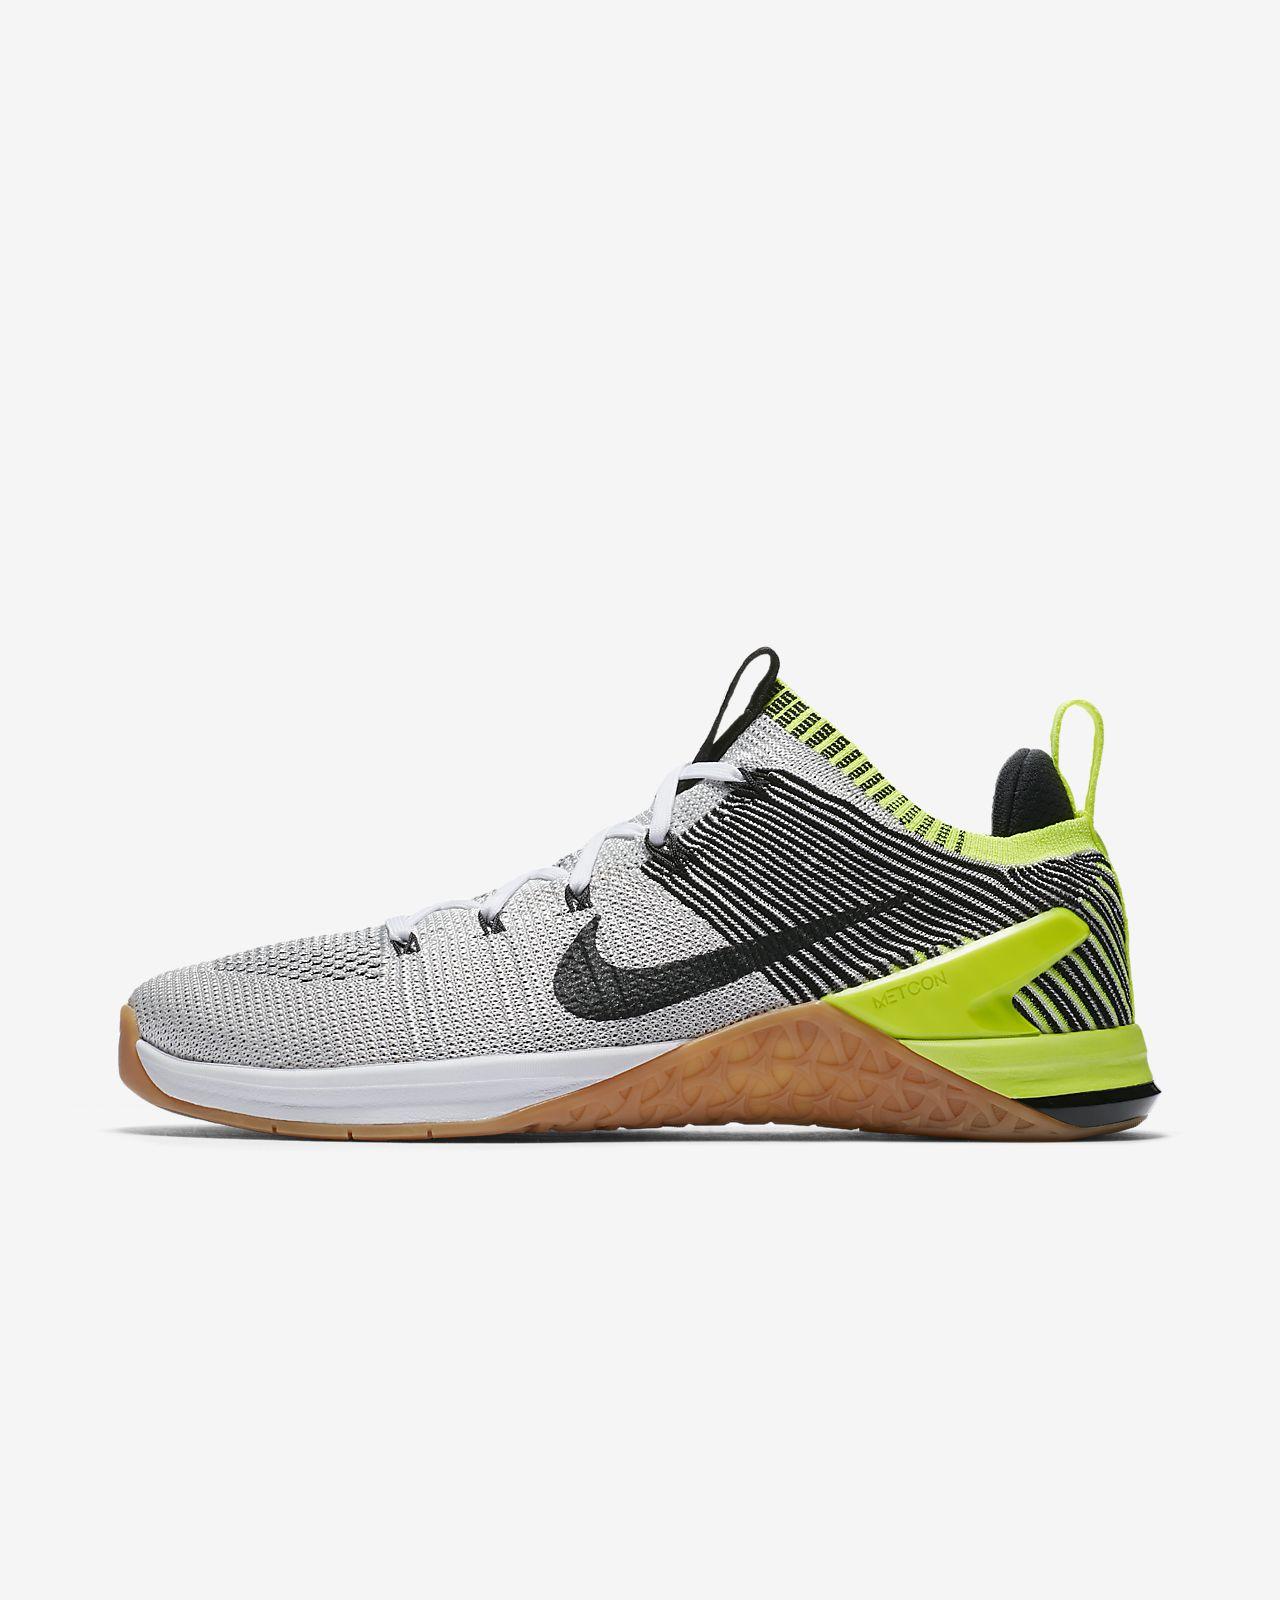 Metcon 3 Texturé À Mailles Et Chaussures De Sport Caoutchouc - Nike Bleu Ciel g8bGd